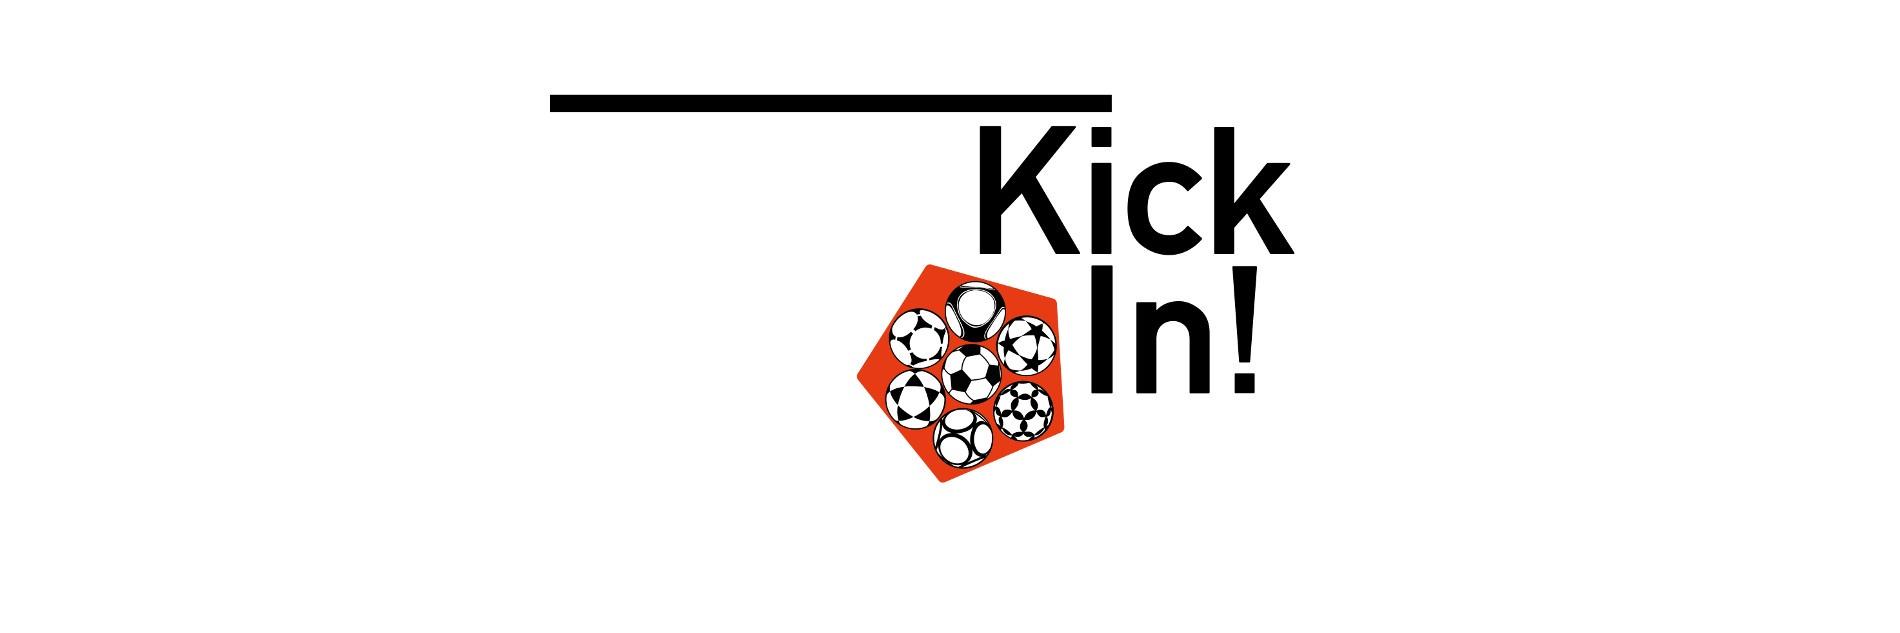 Schwarzes KickIn!-Logo auf weißem Hintergrund mit orangenen Fußbällen.